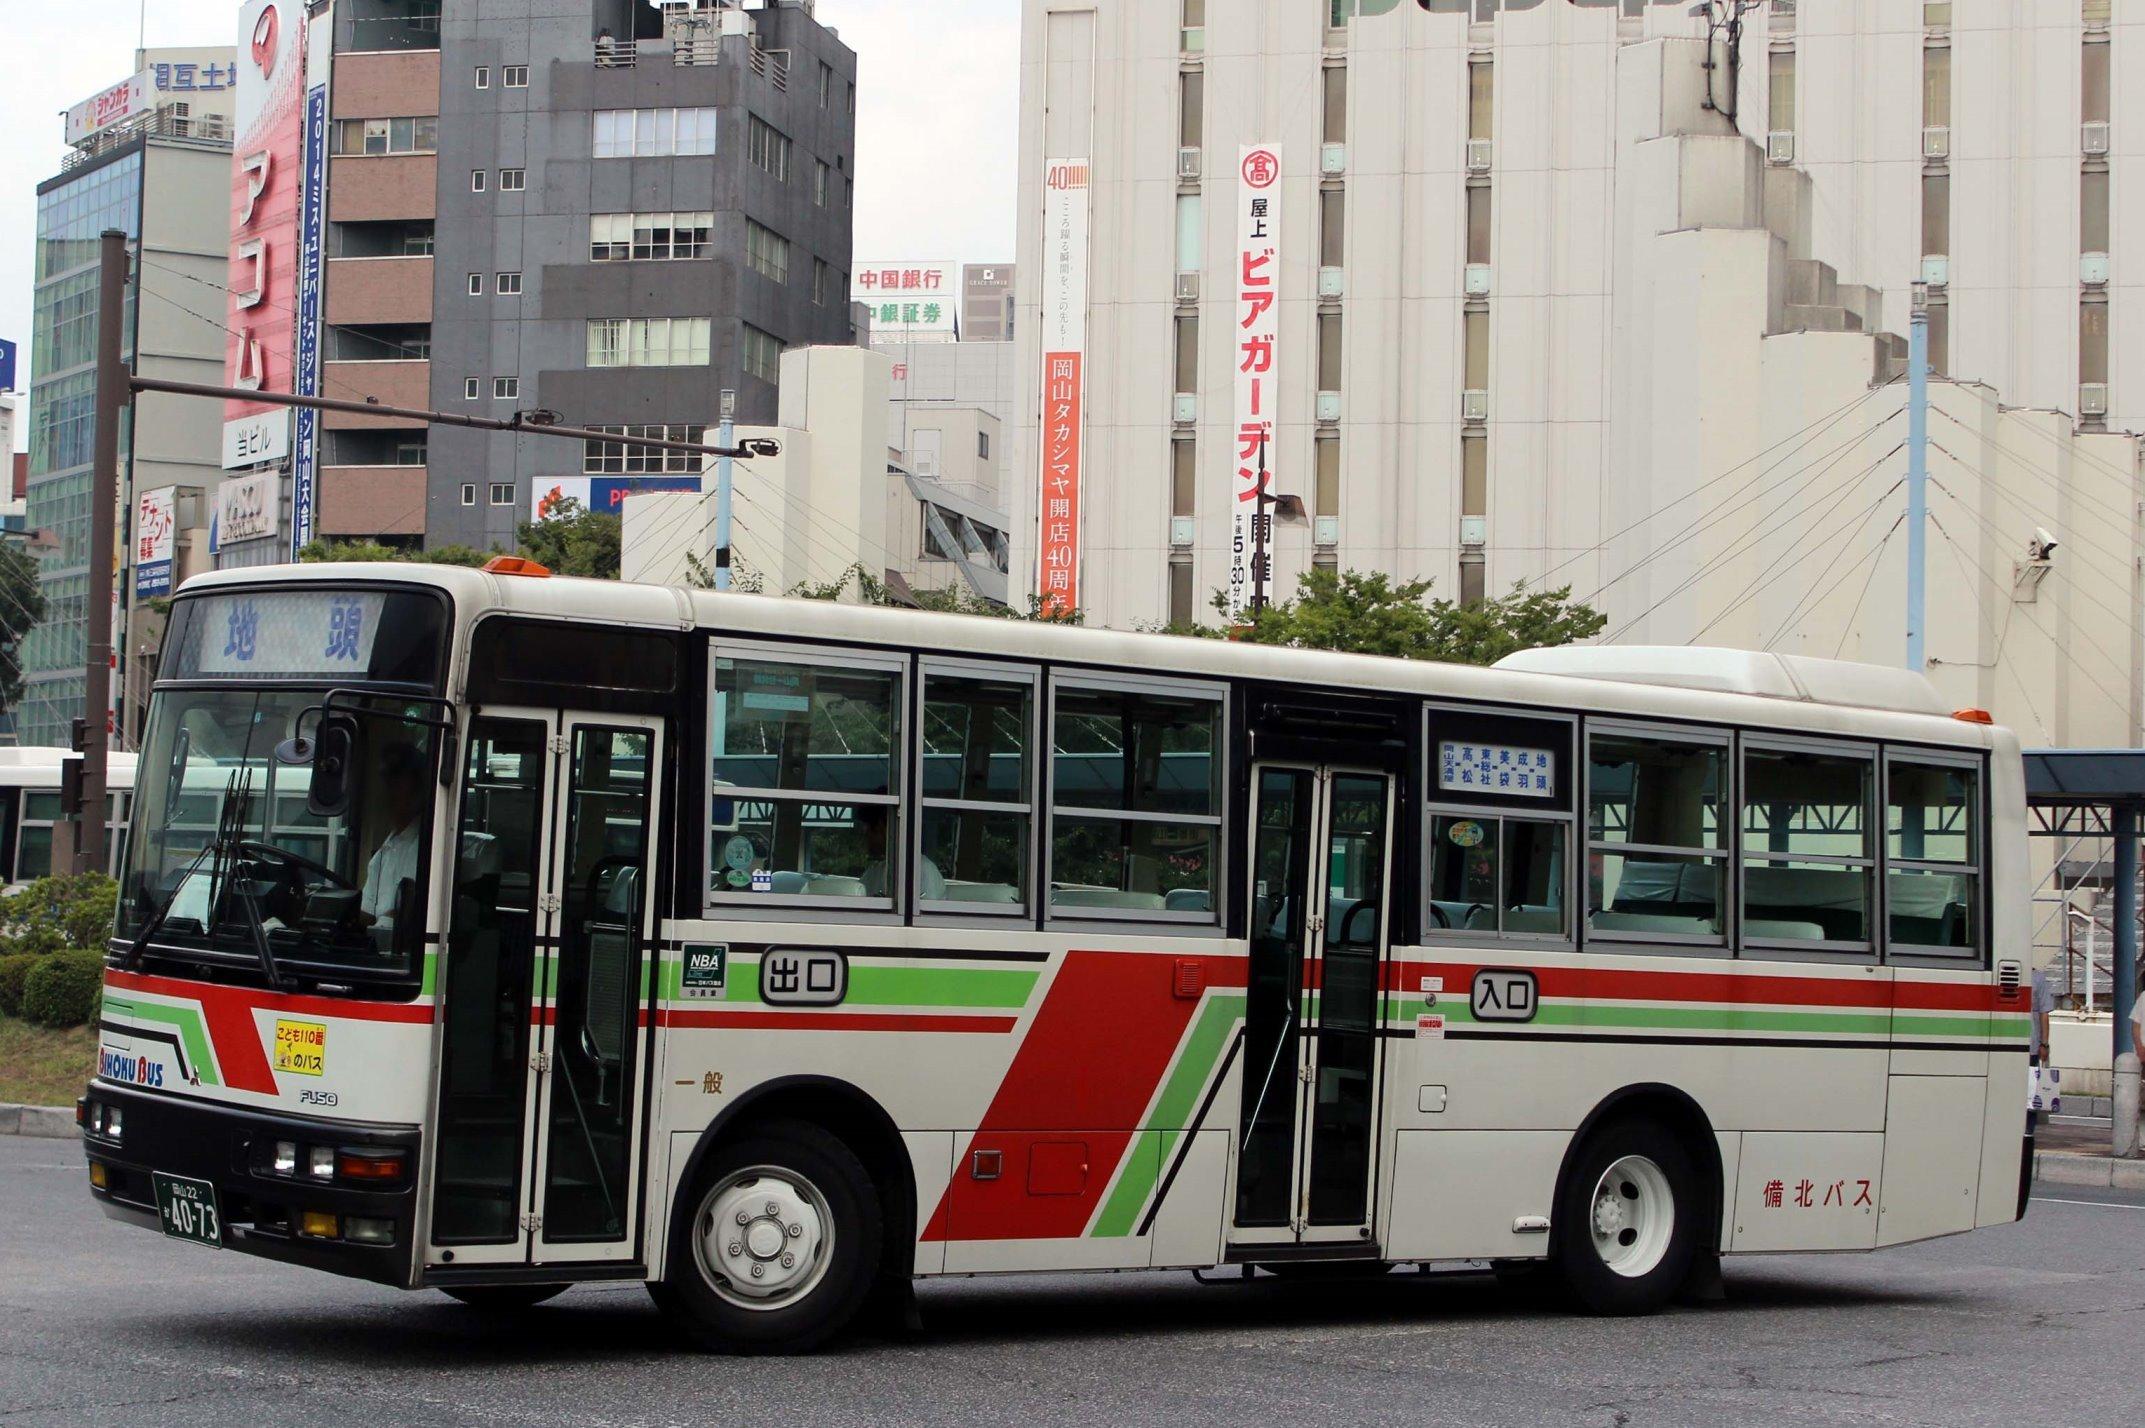 備北バス か4073